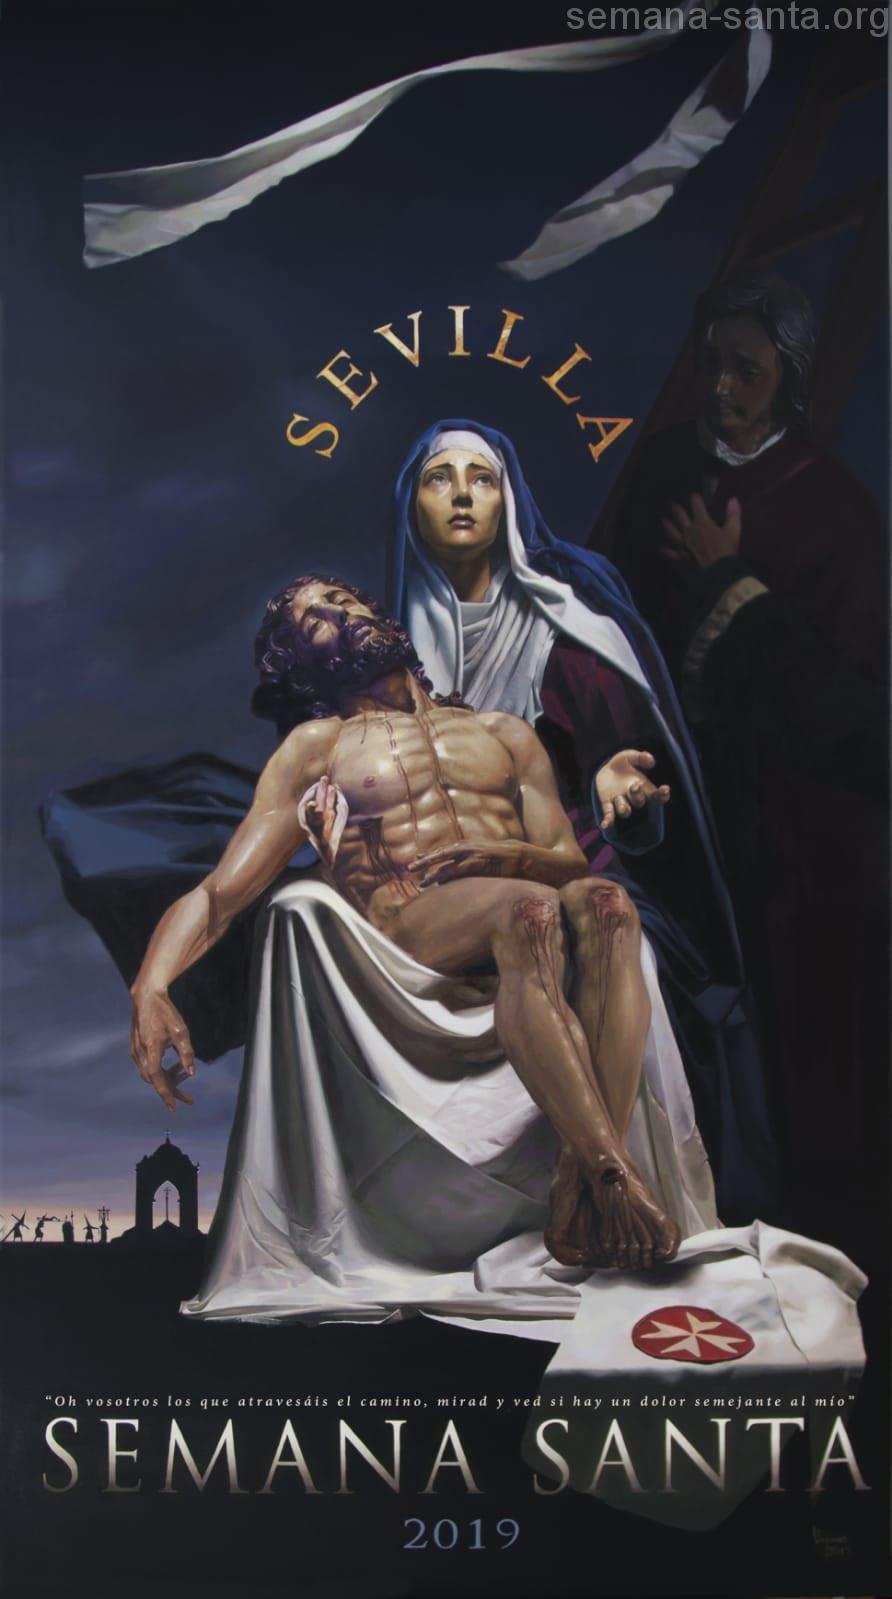 Cartel De La Semana Santa De Sevilla 2019 Semana Santa De Sevilla